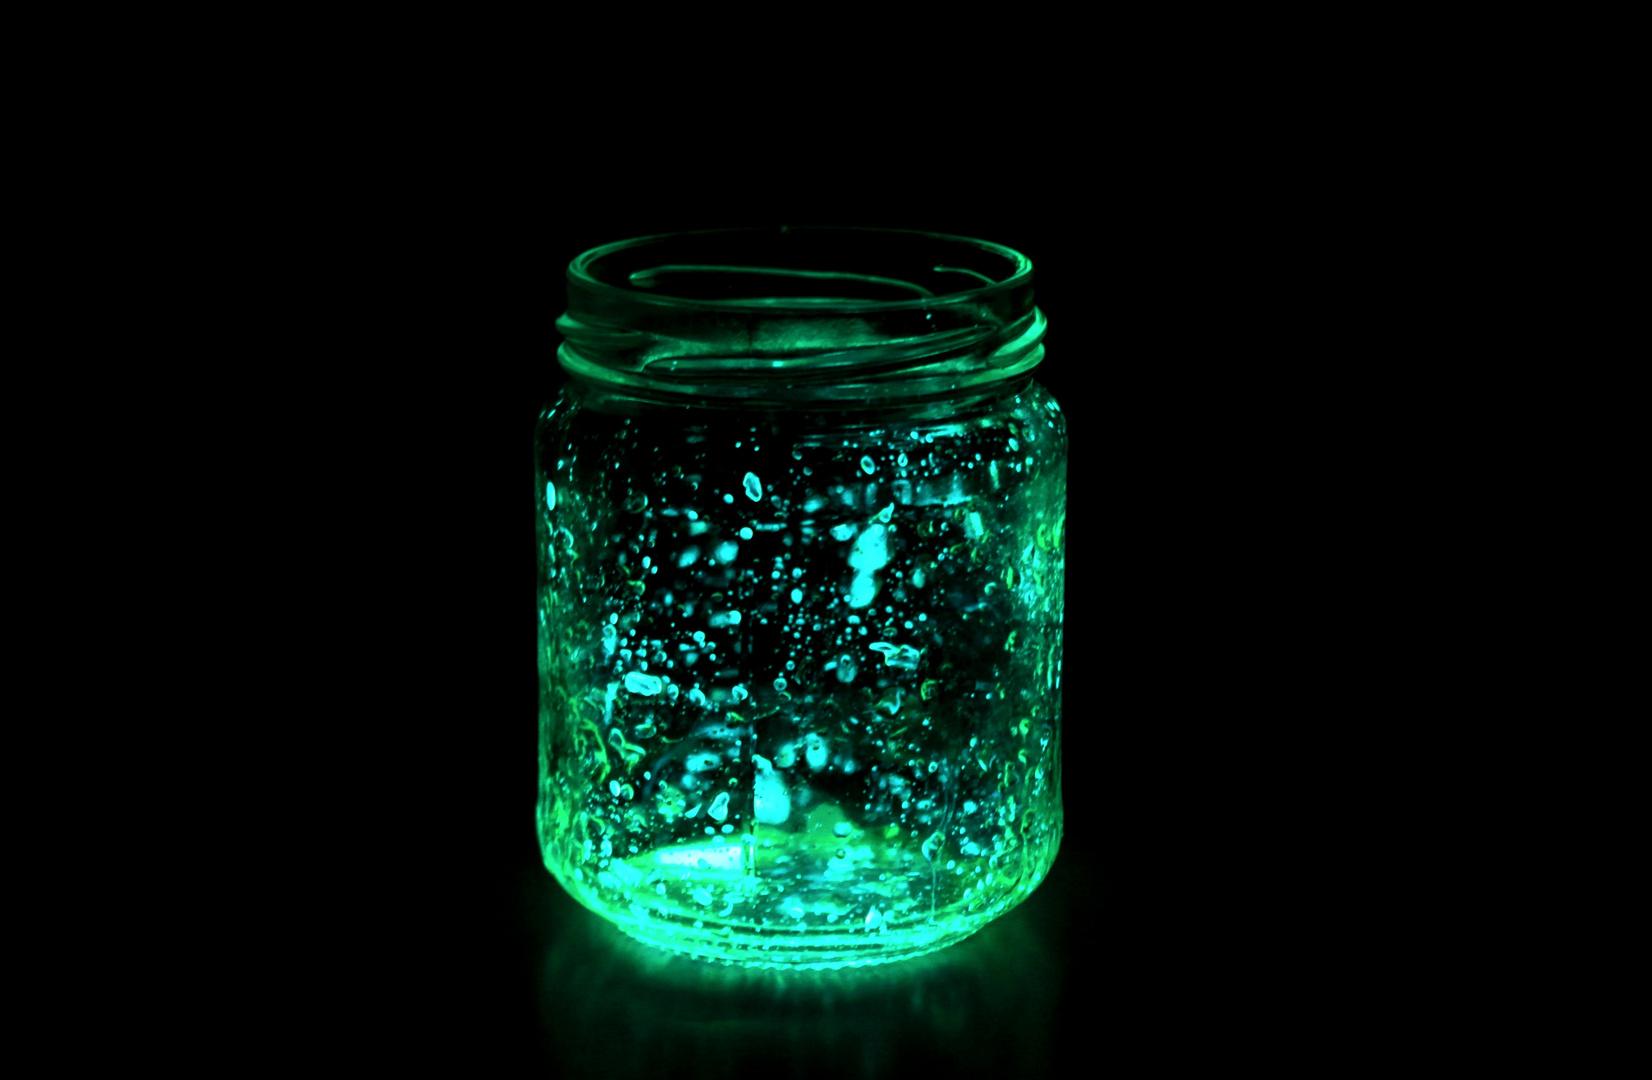 Leuchtmittel im Glas